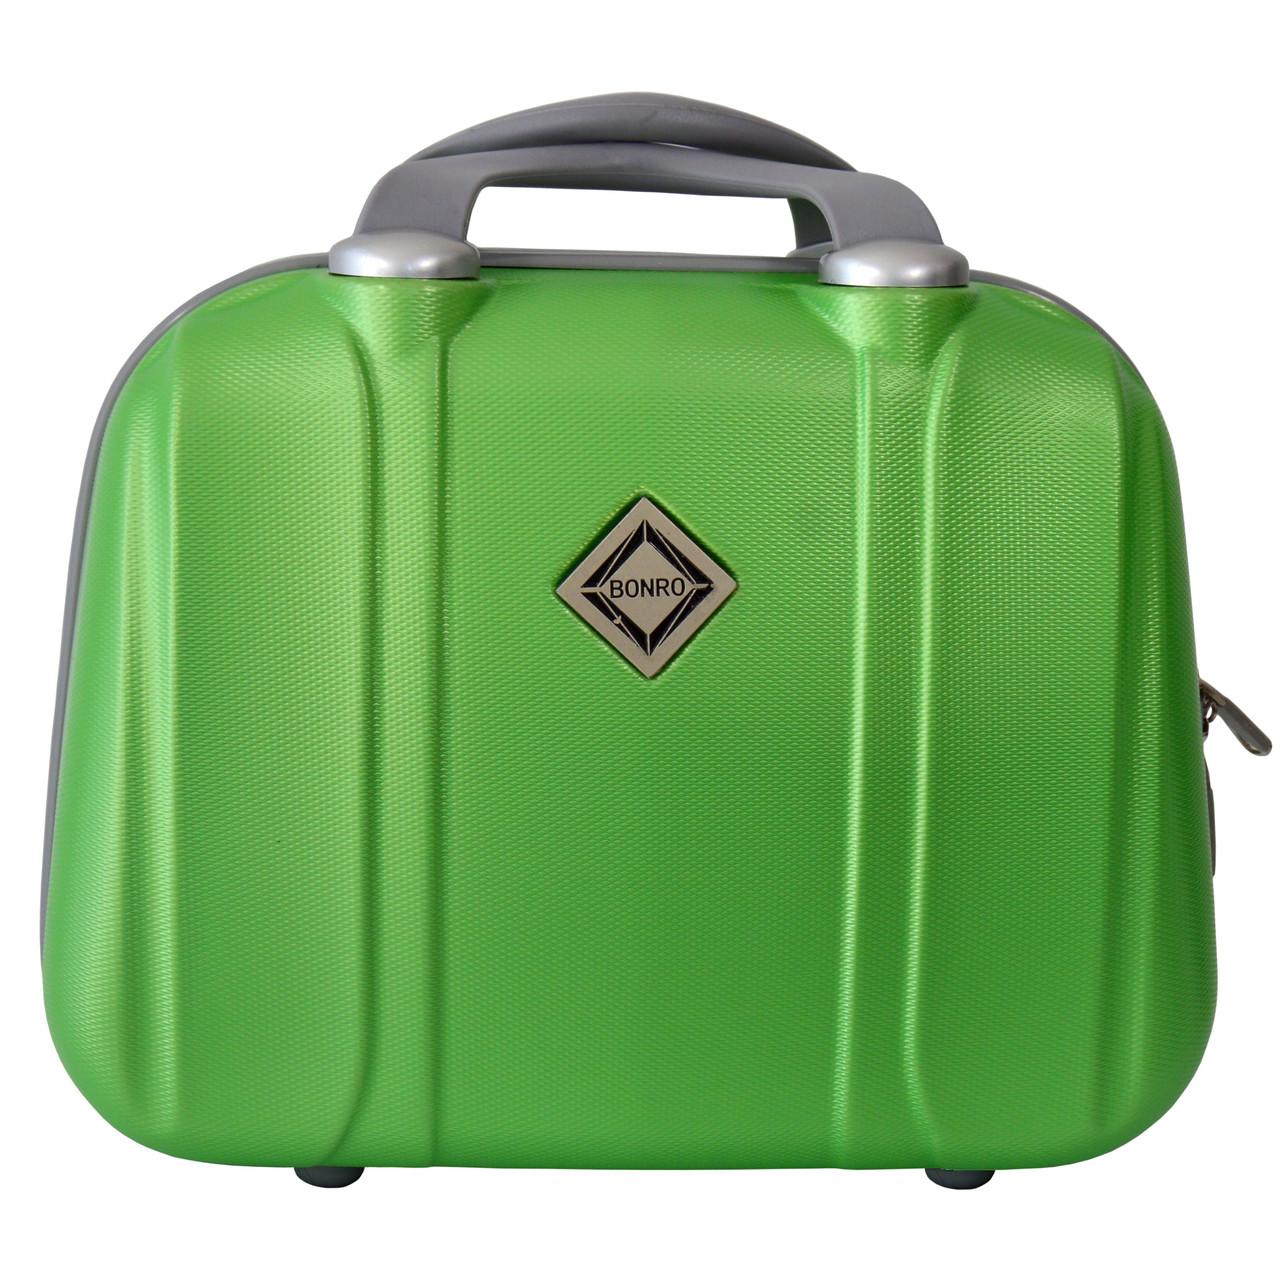 Сумка кейс саквояж Bonro Smile (небольшой) салатовый (green 696)